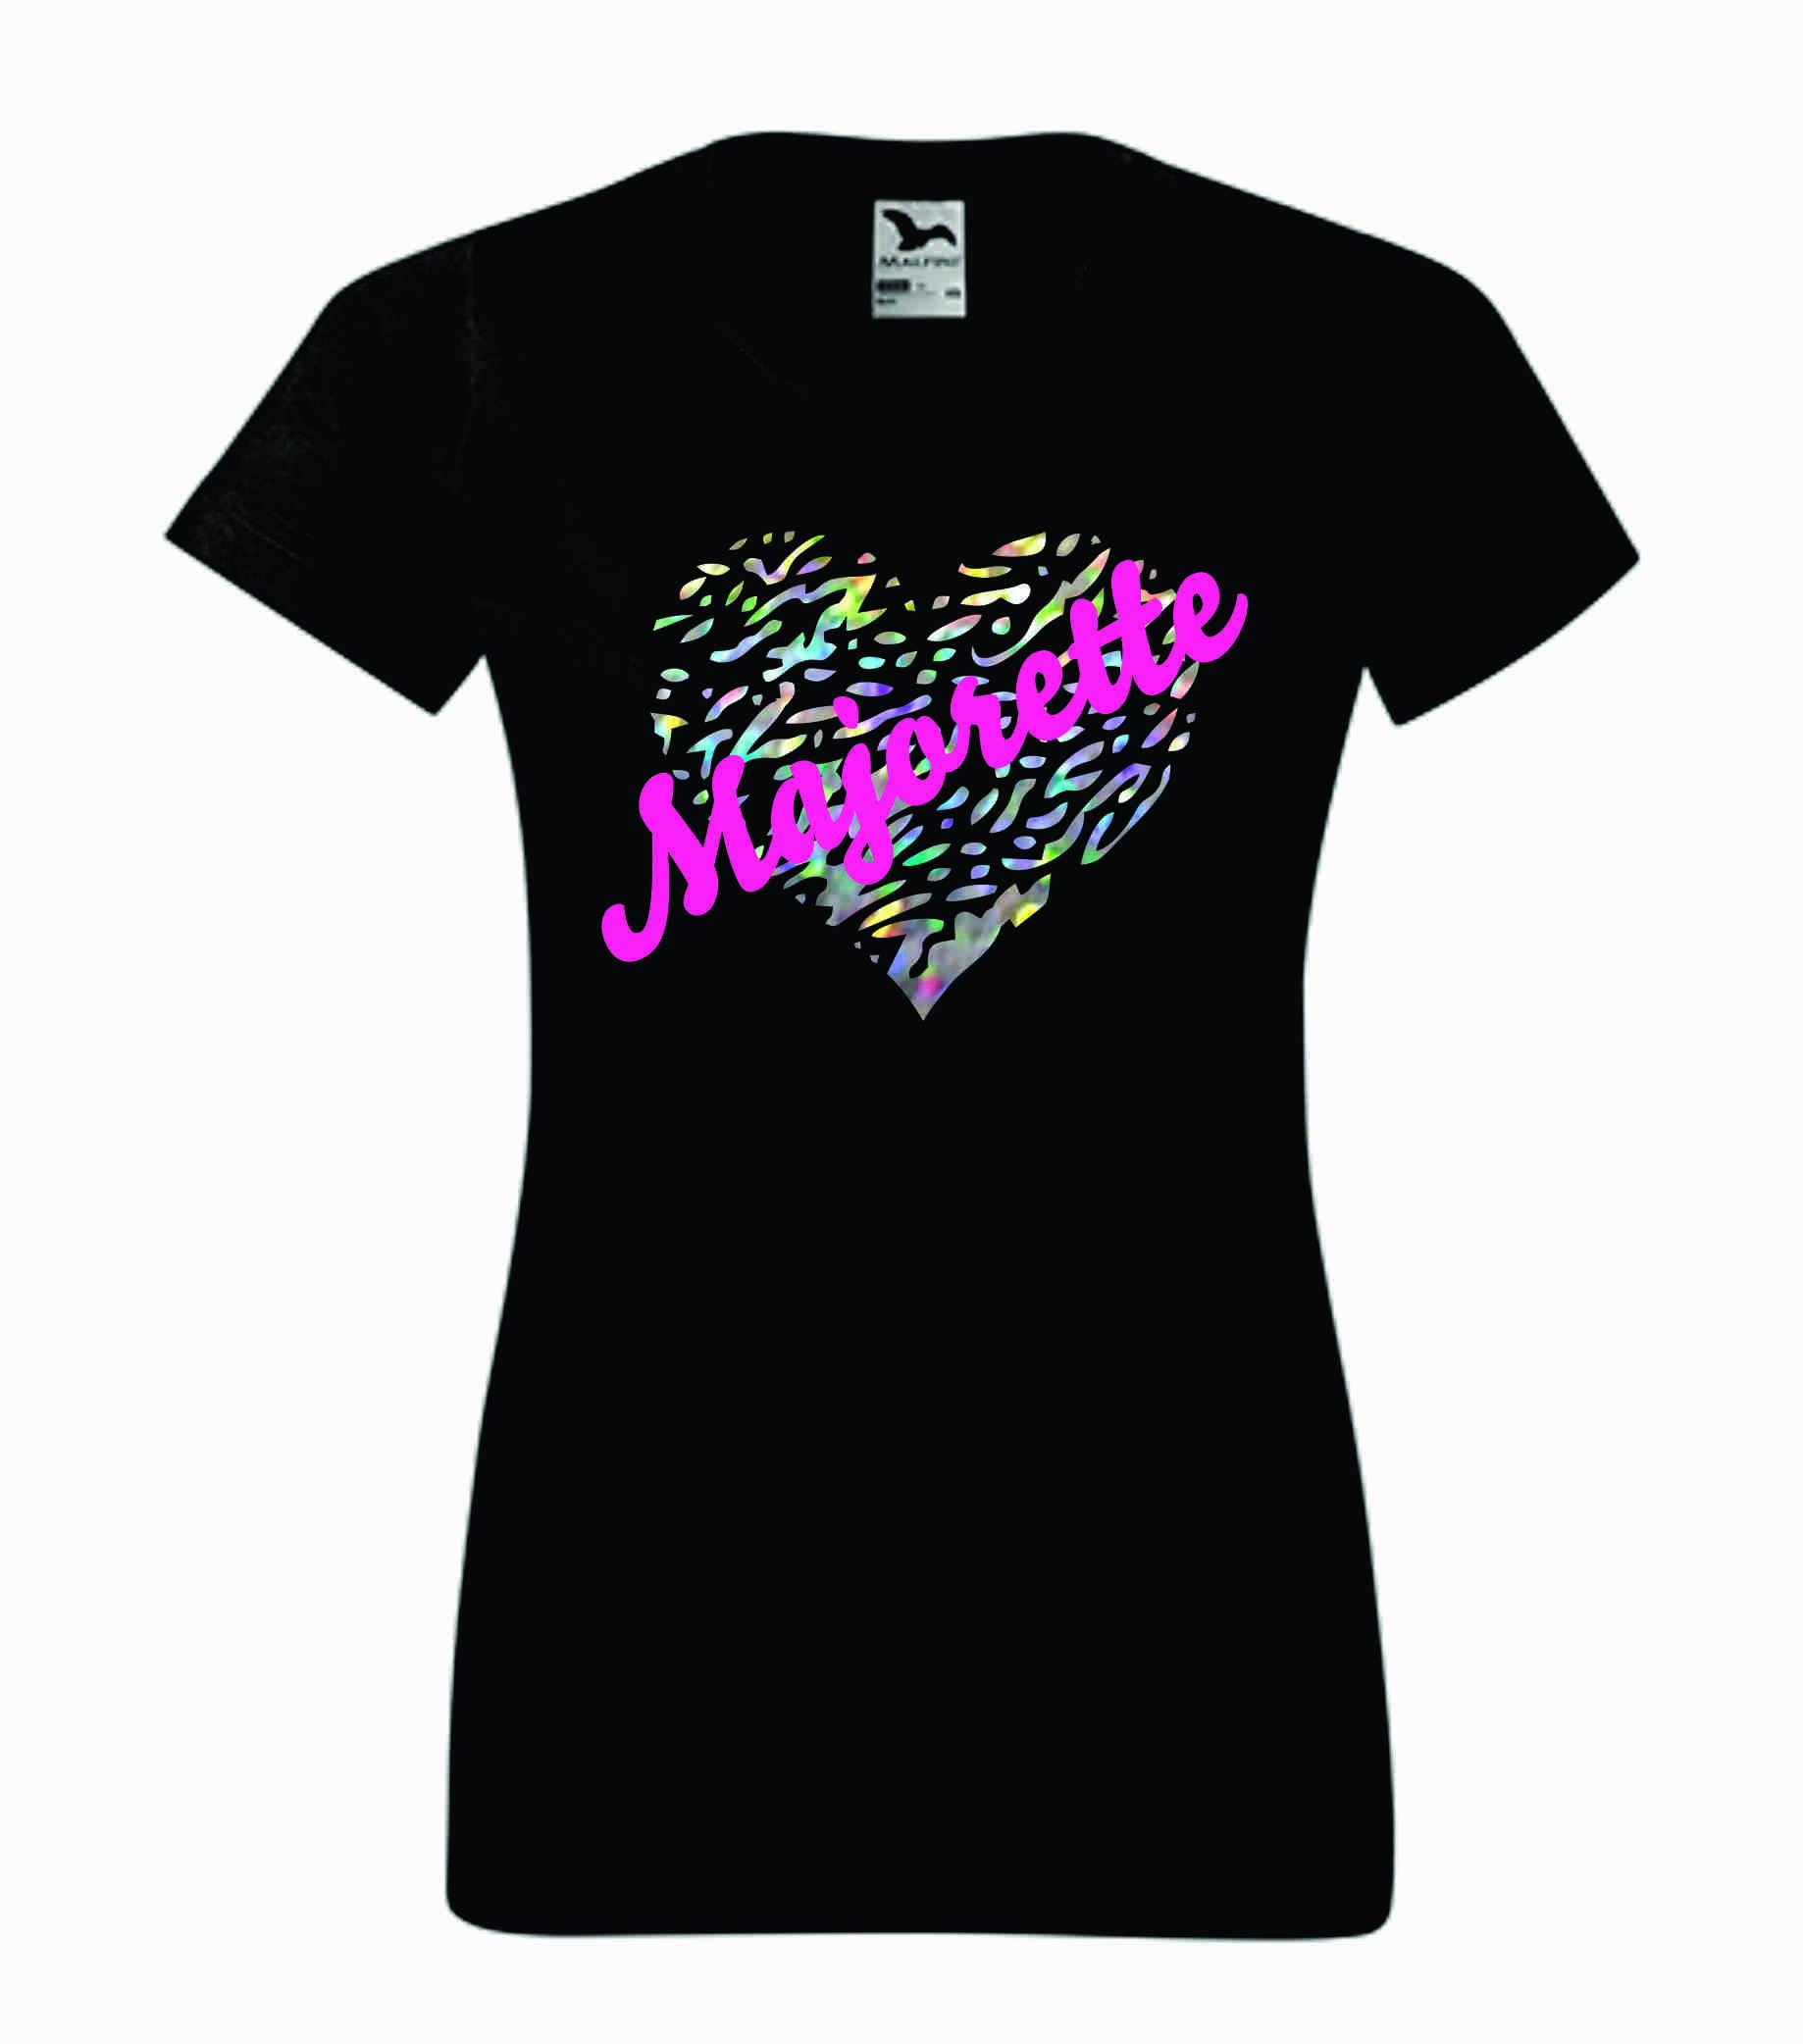 Czarna koszulka z błyszczącym sercem i napisem Majorette